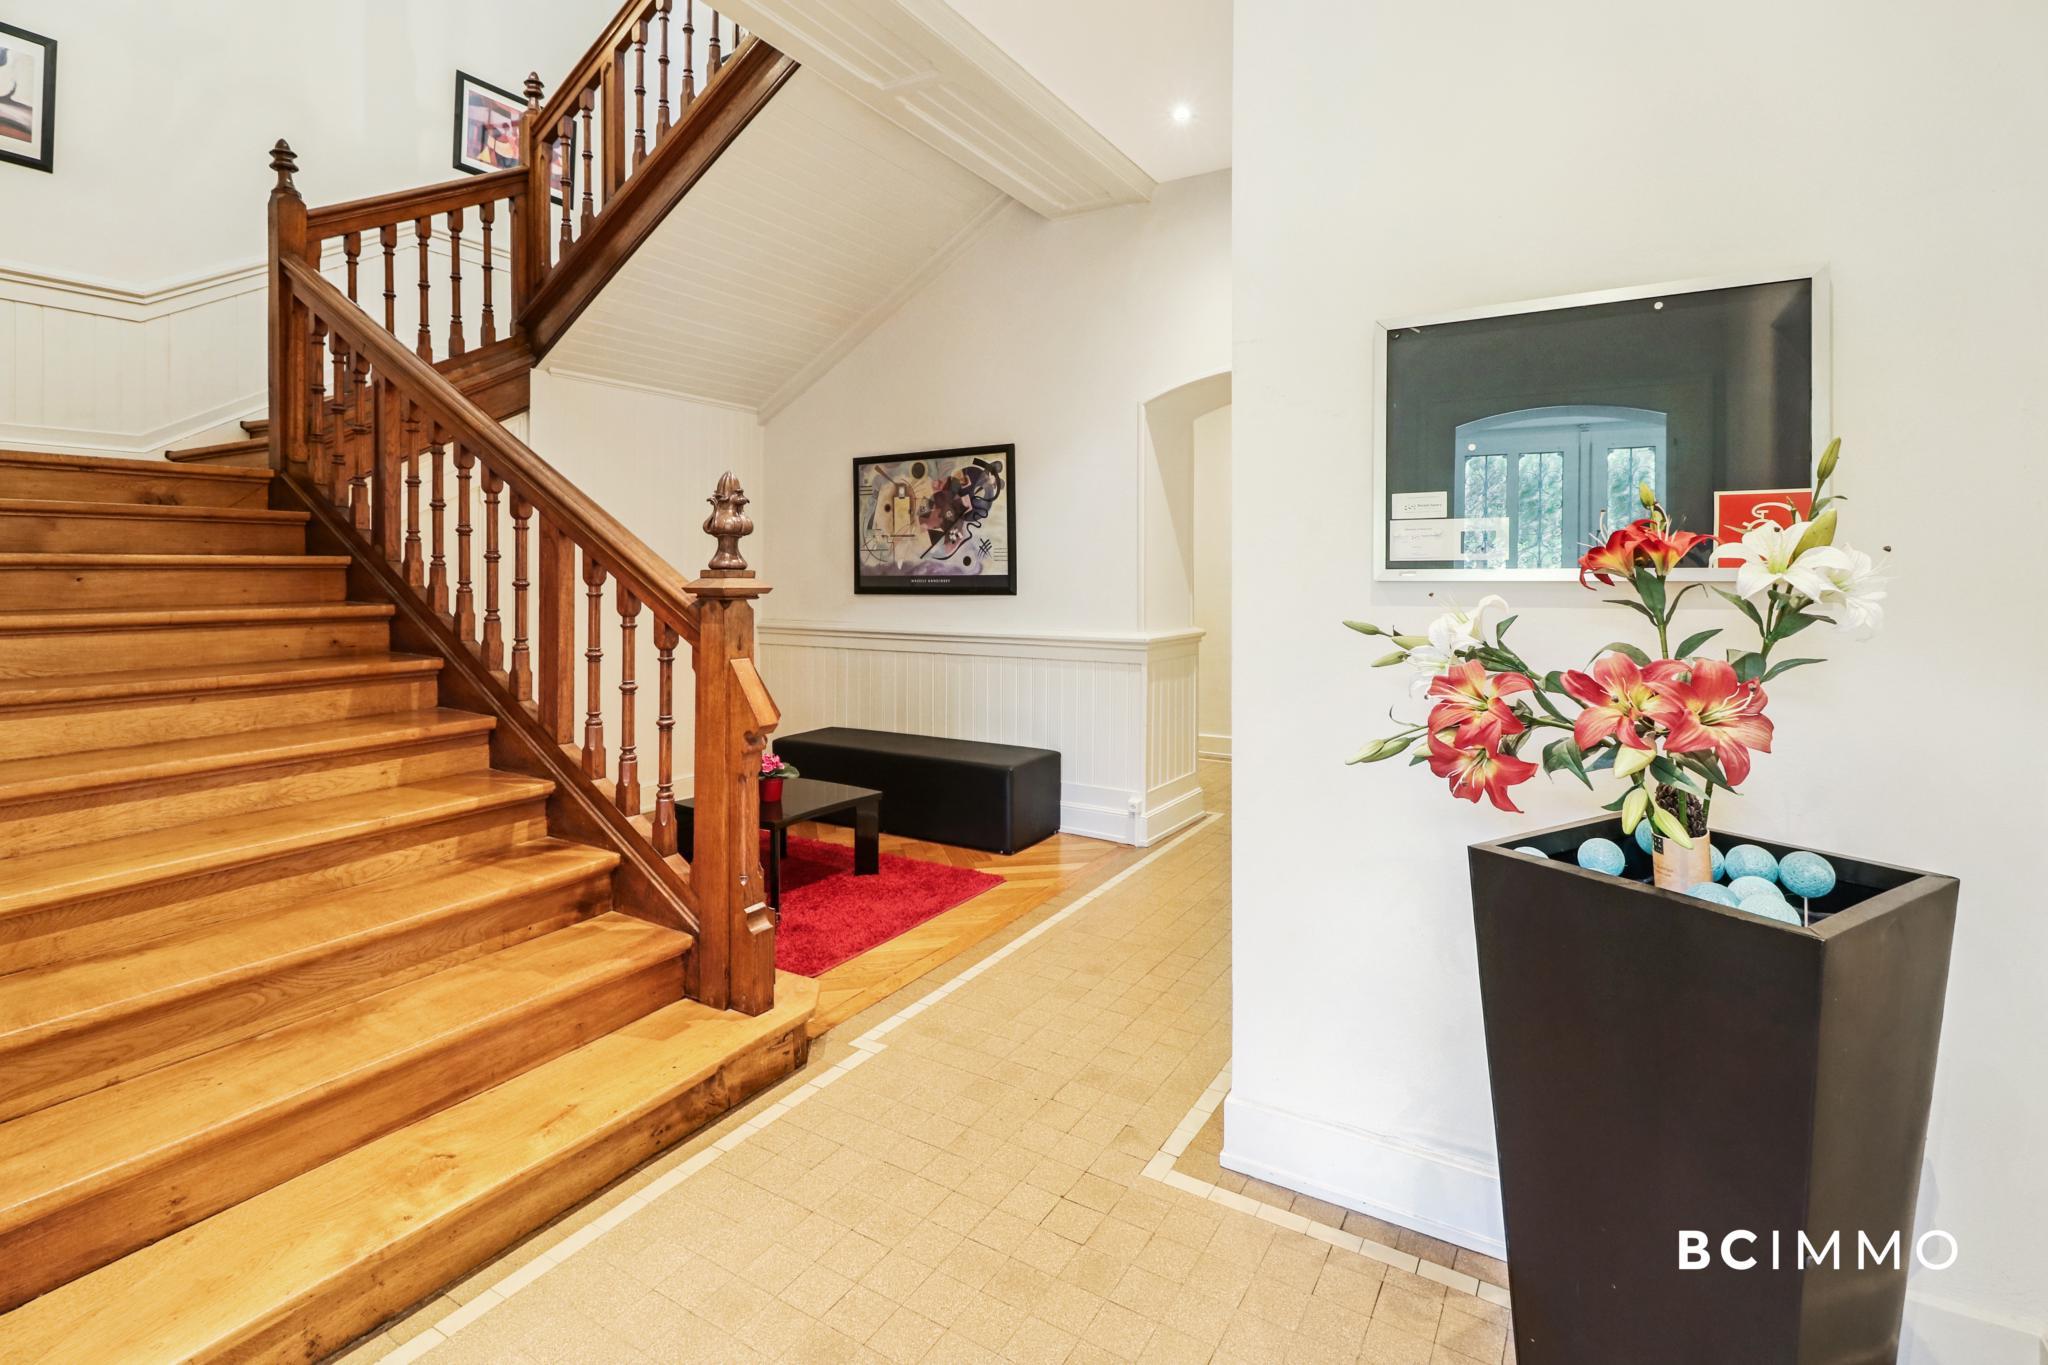 BC Immo - Pour investisseur : Magnifique appartement avenue des Mousquines - 1005HB02